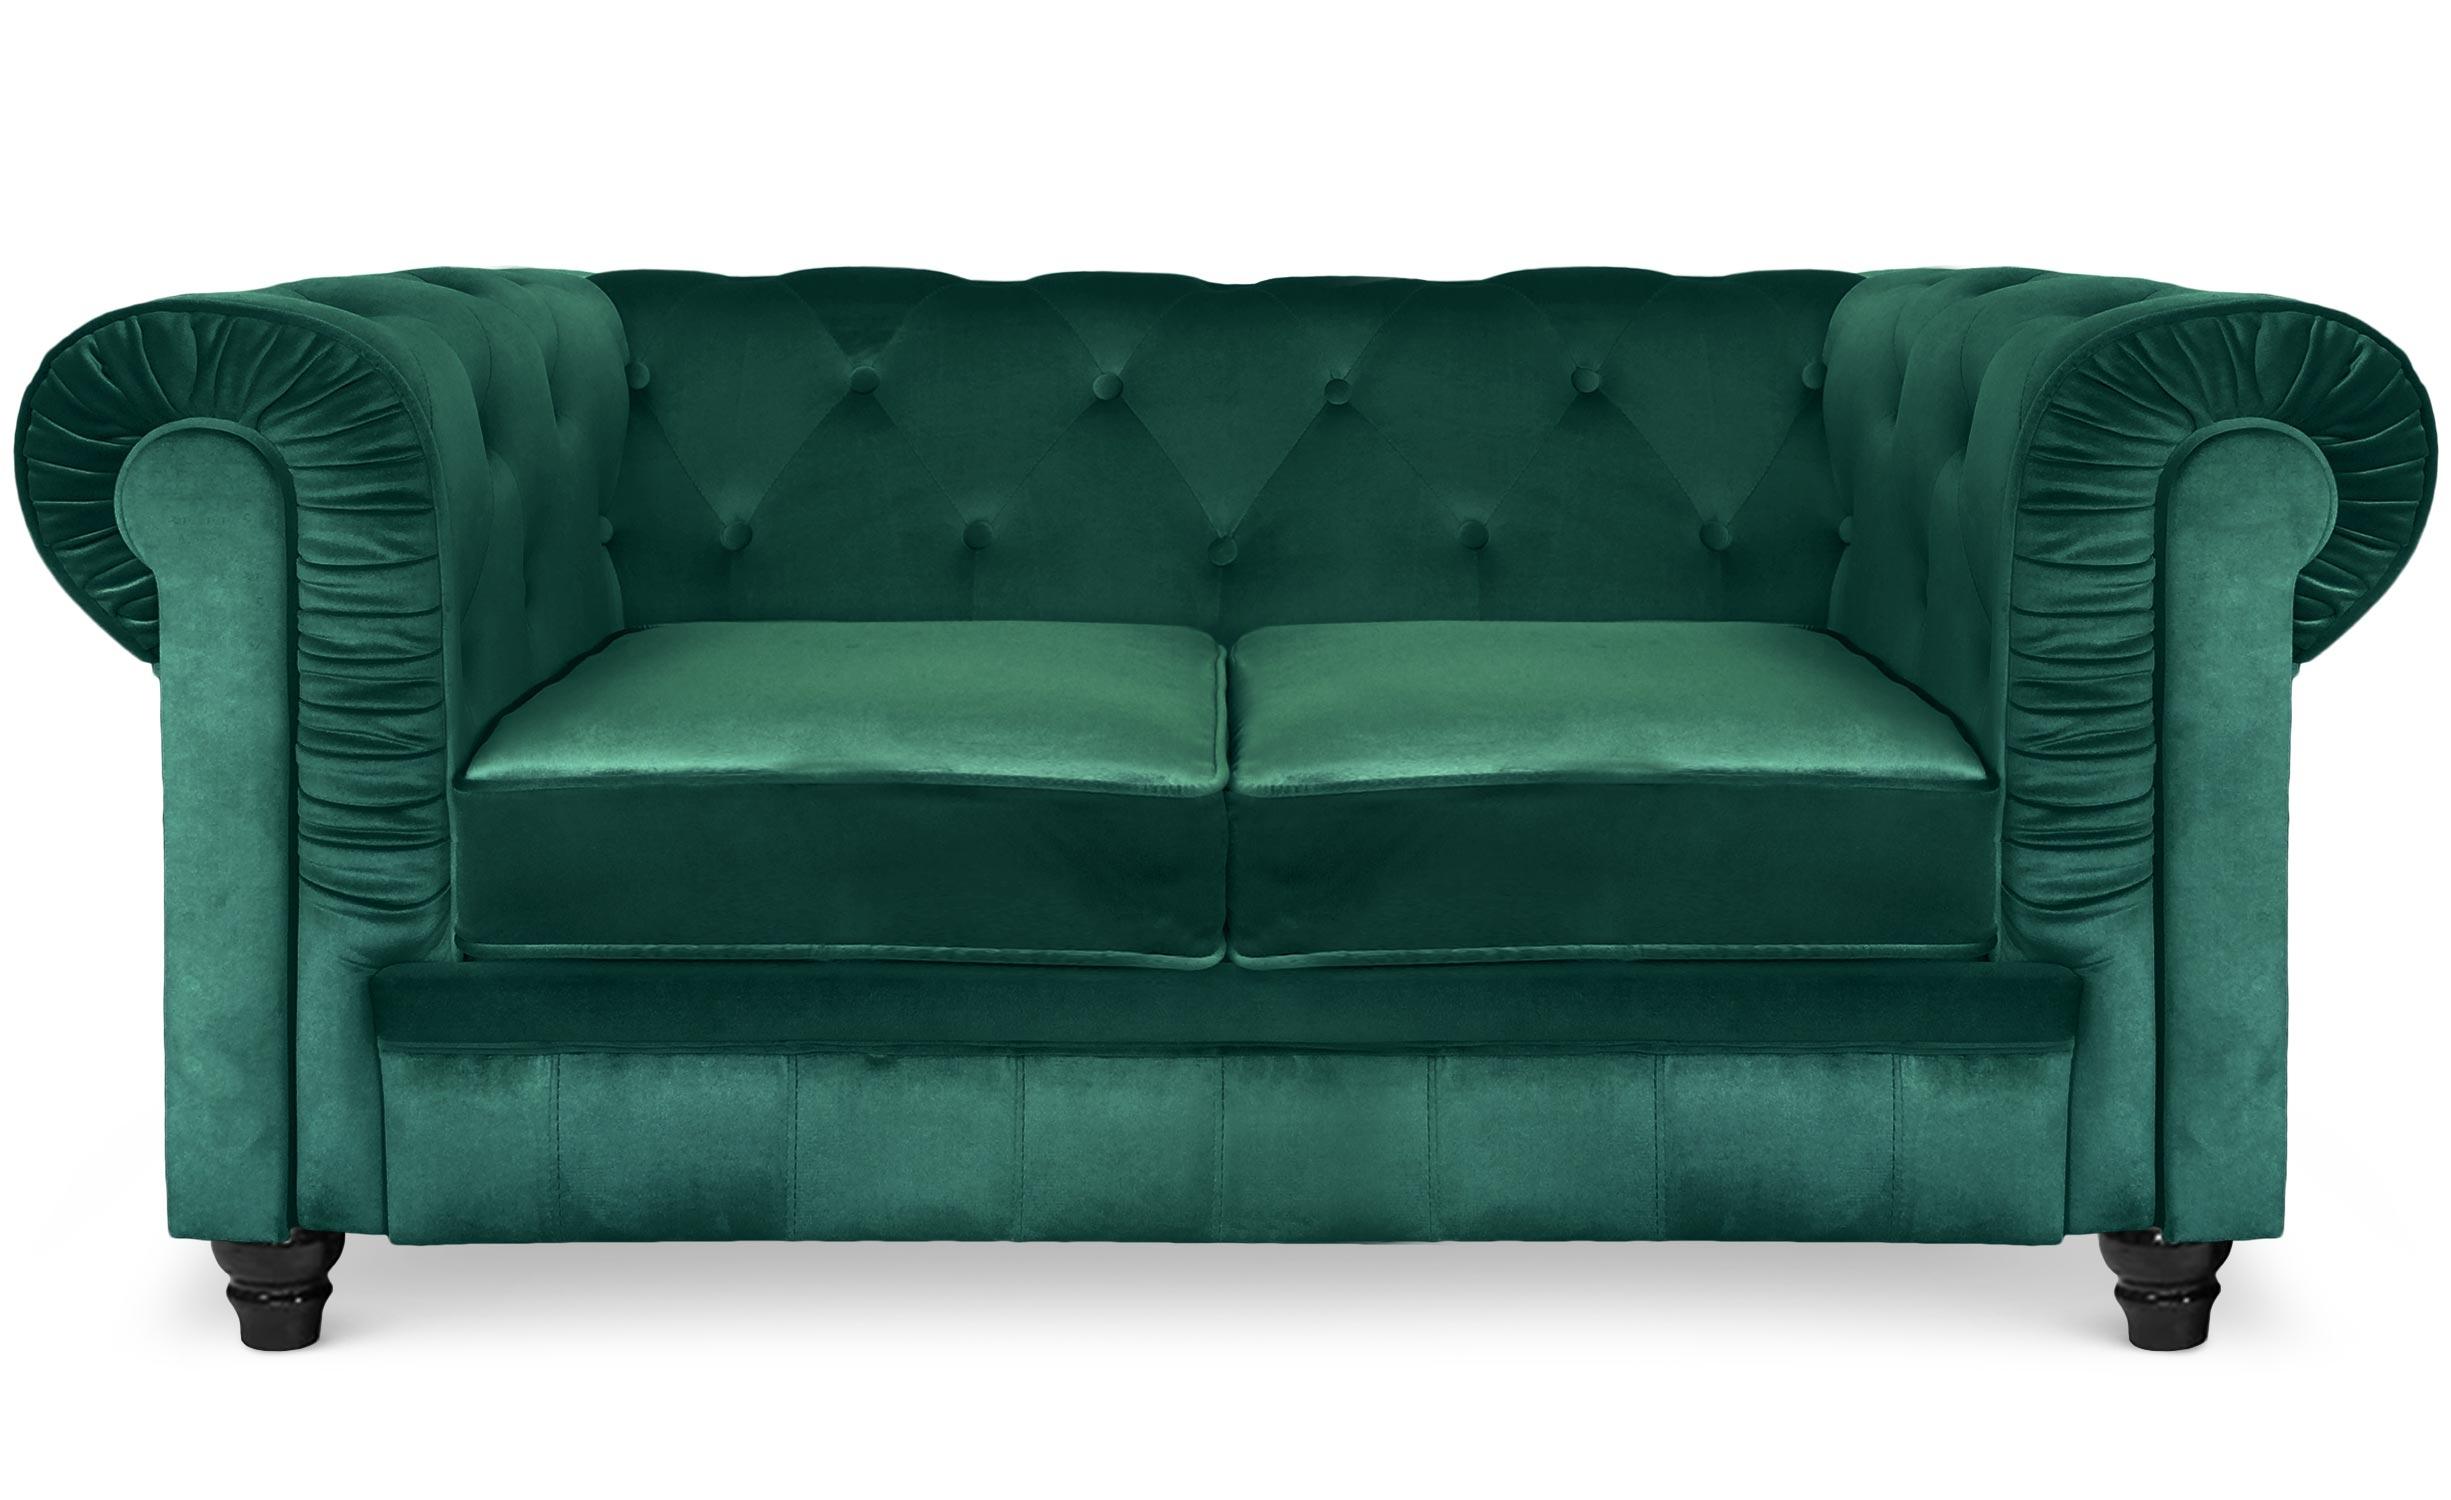 Grote 2-zits Chesterfield-bank van groen fluweel